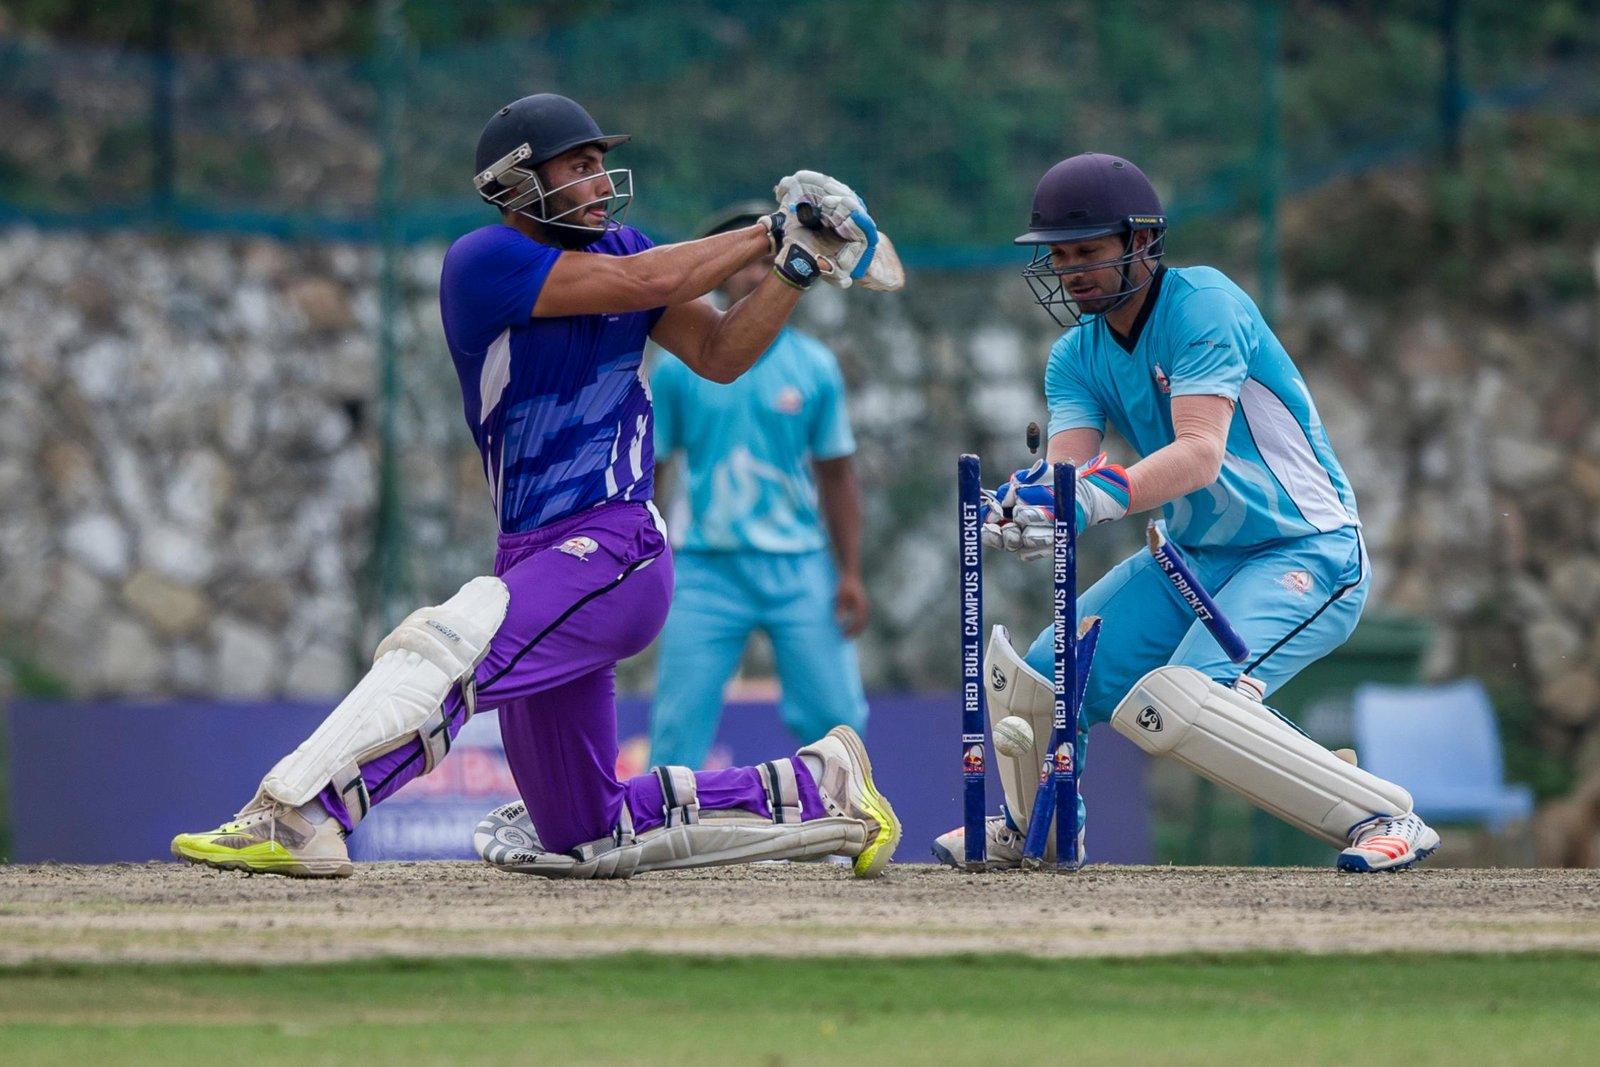 पाकिस्तान ने एक बार फिर दिया भारत को फाइनल में मात 2